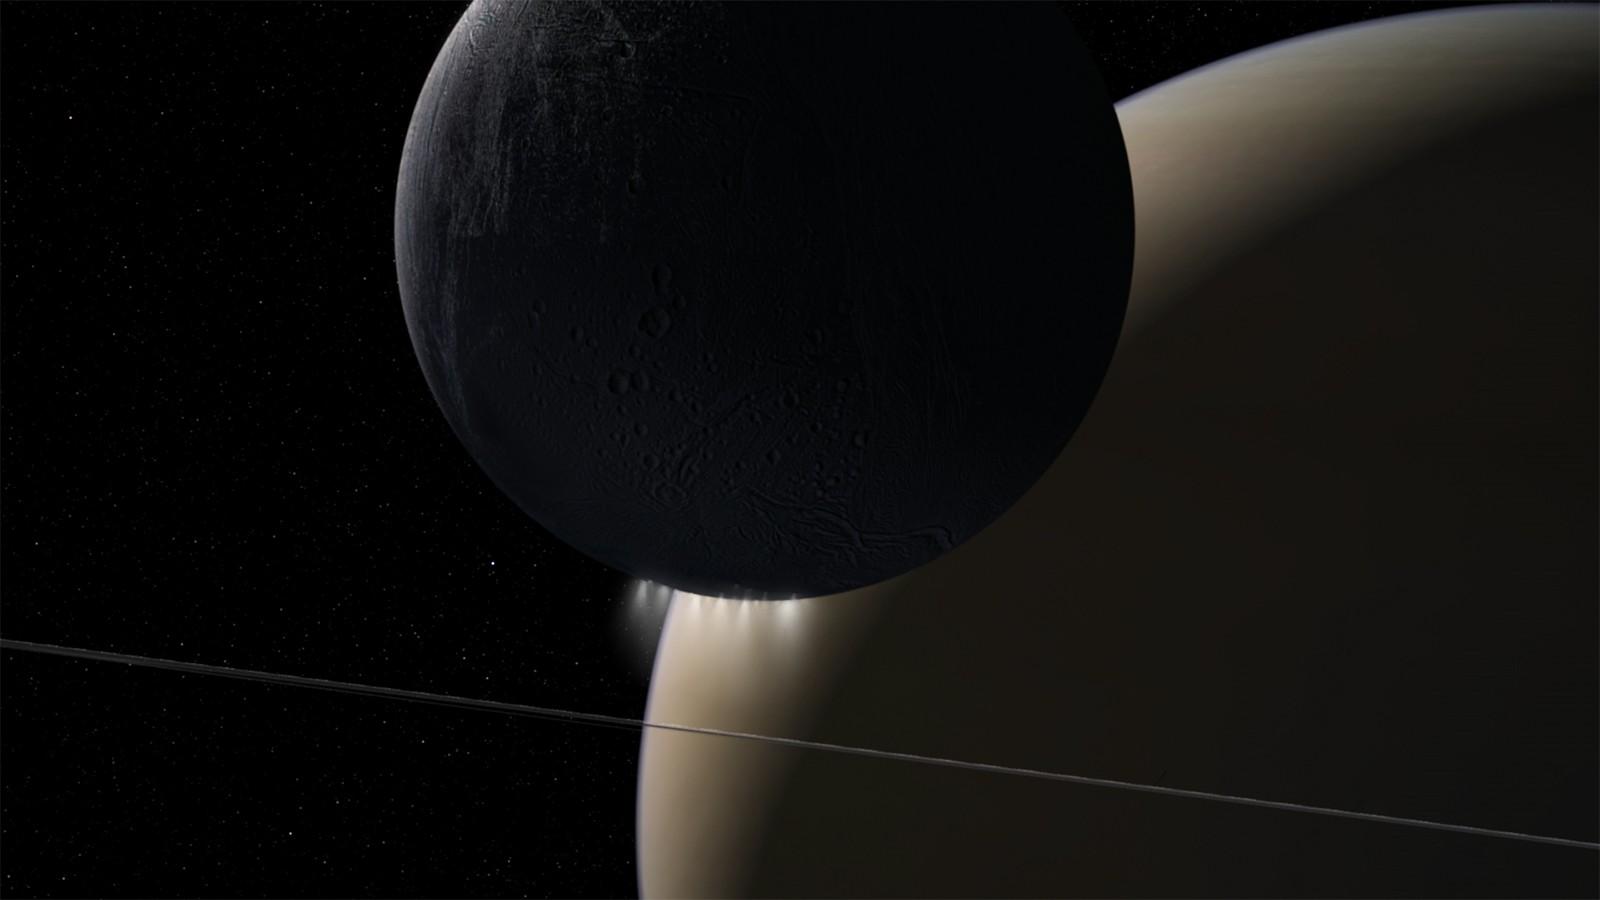 As órbitas da Grande Final da sonda Cassini da NASA encontraram uma interação poderosa de ondas de plasma que se deslocam de Saturno para seus anéis e sua lua Enceladus. (Foto: NASA/JPL-Caltech)